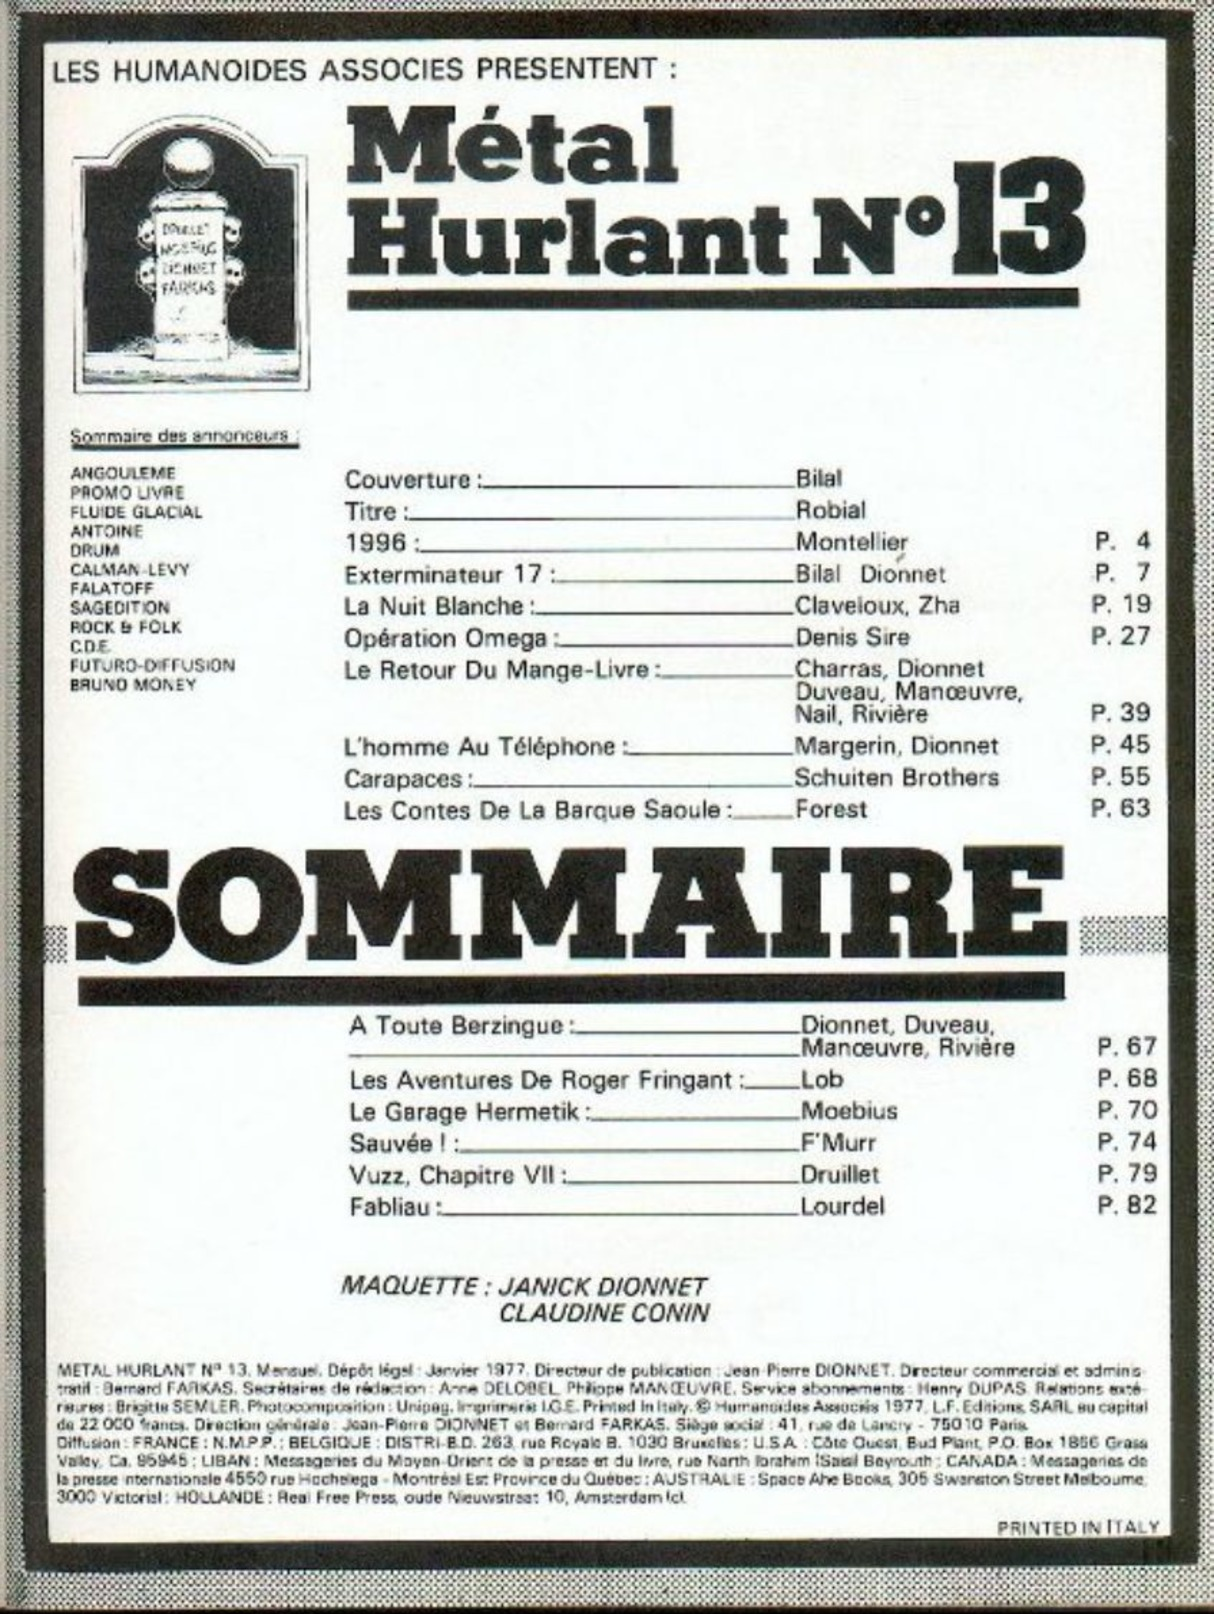 No PAYPAL !! : Metal Hurlant 13 Bilal Exterminateur 17 Dionnet Moebius Druillet Forest Schuiten F'murr...TTBE/NEUF BD 77 - Métal Hurlant